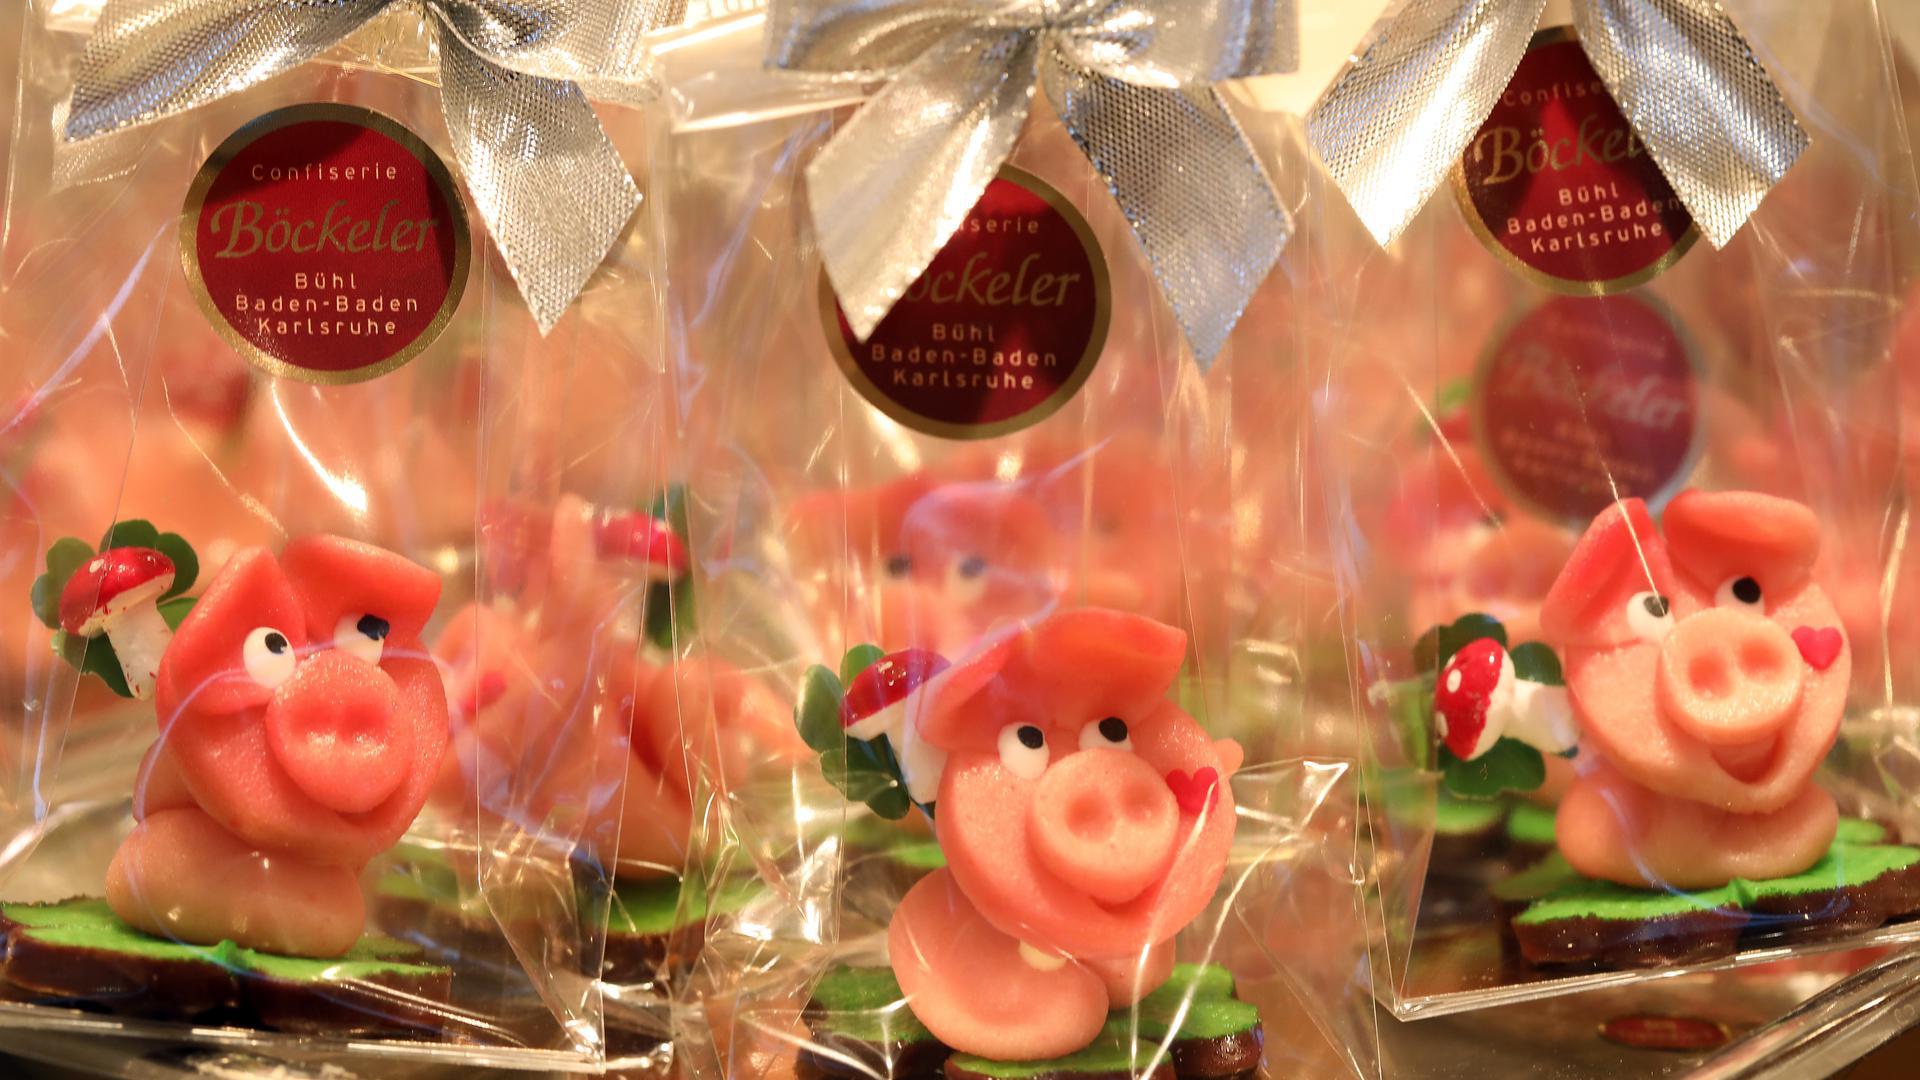 Glücksbringer im Tütchen: Das Marzipanschwein ist der Klassiker zu Silvester, im Cafe Böckeler stehen die süßen Säue herdenweise parat.